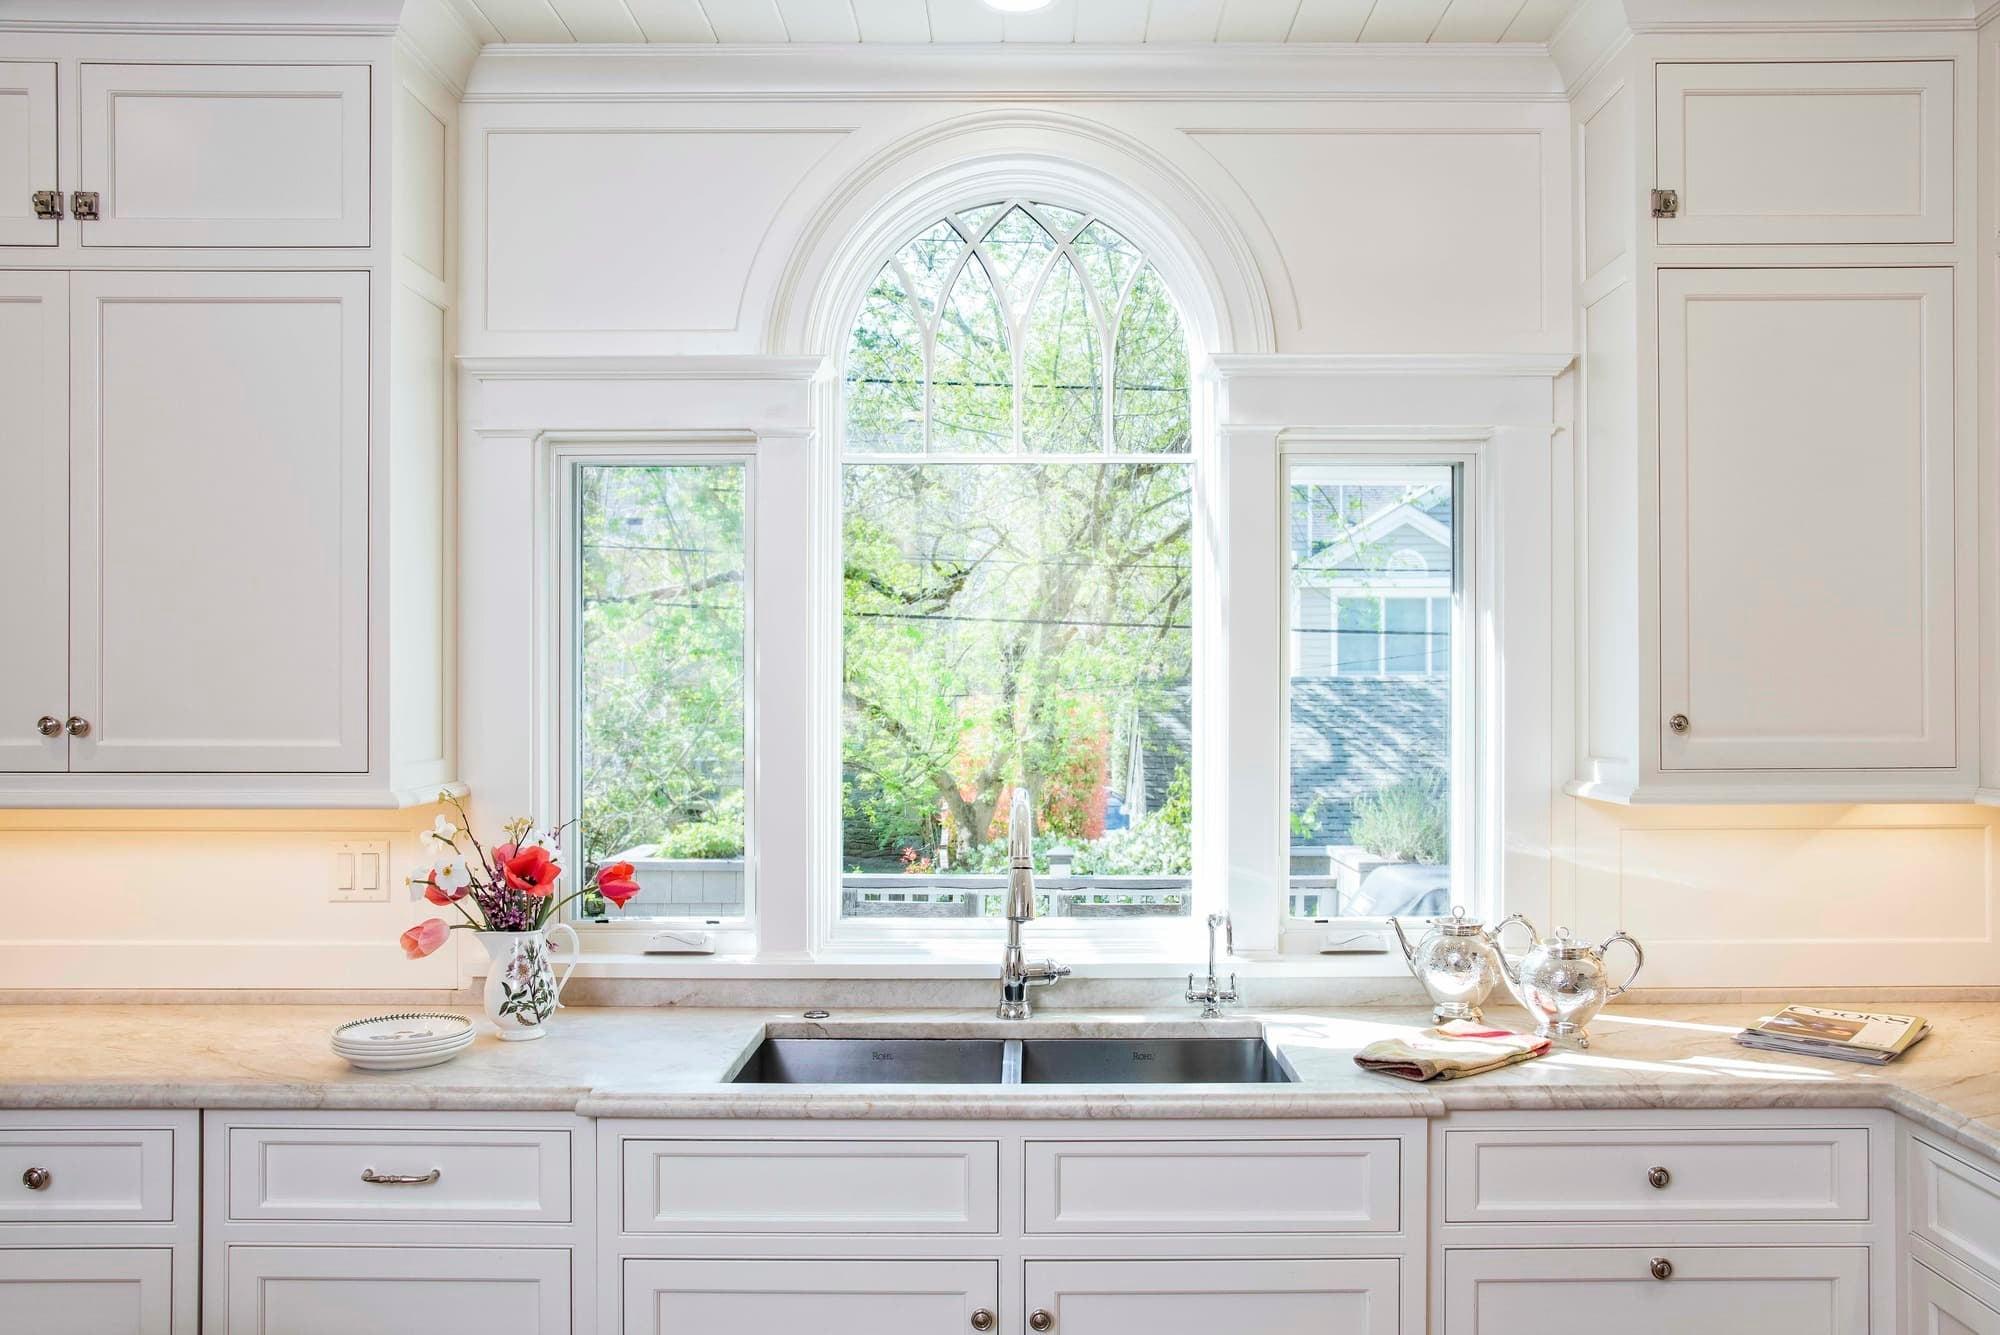 Chevy Chase kitchen renovation